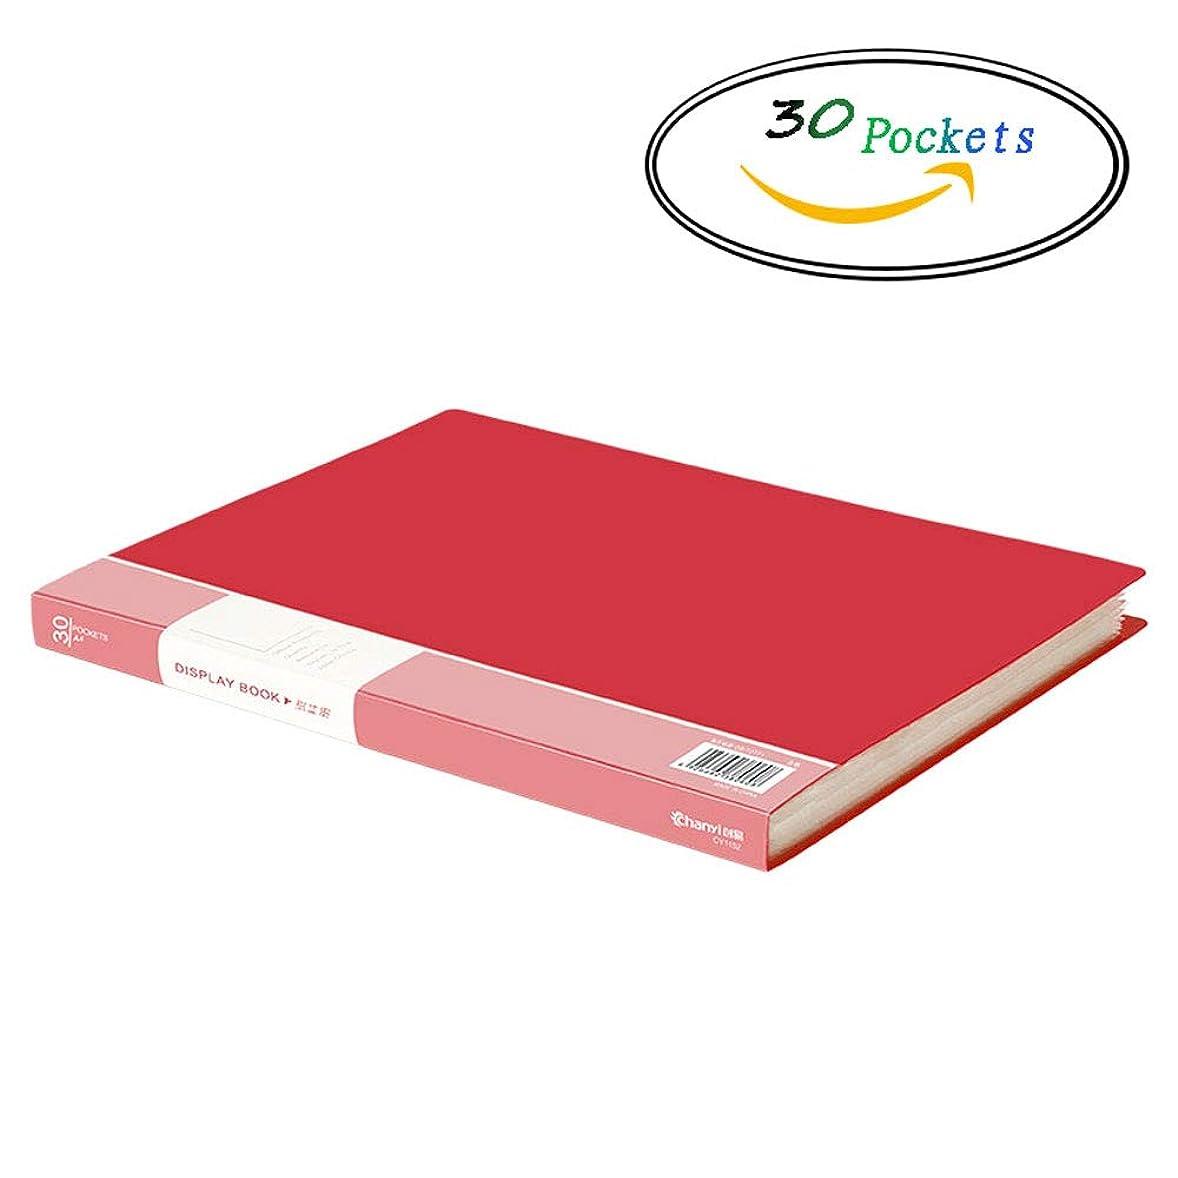 単語十分枯れるA4ディスプレイブックフォルダ、ポートフォリオフォルダプレゼンテーションブックポケット (色 : Red 30 Pockets)